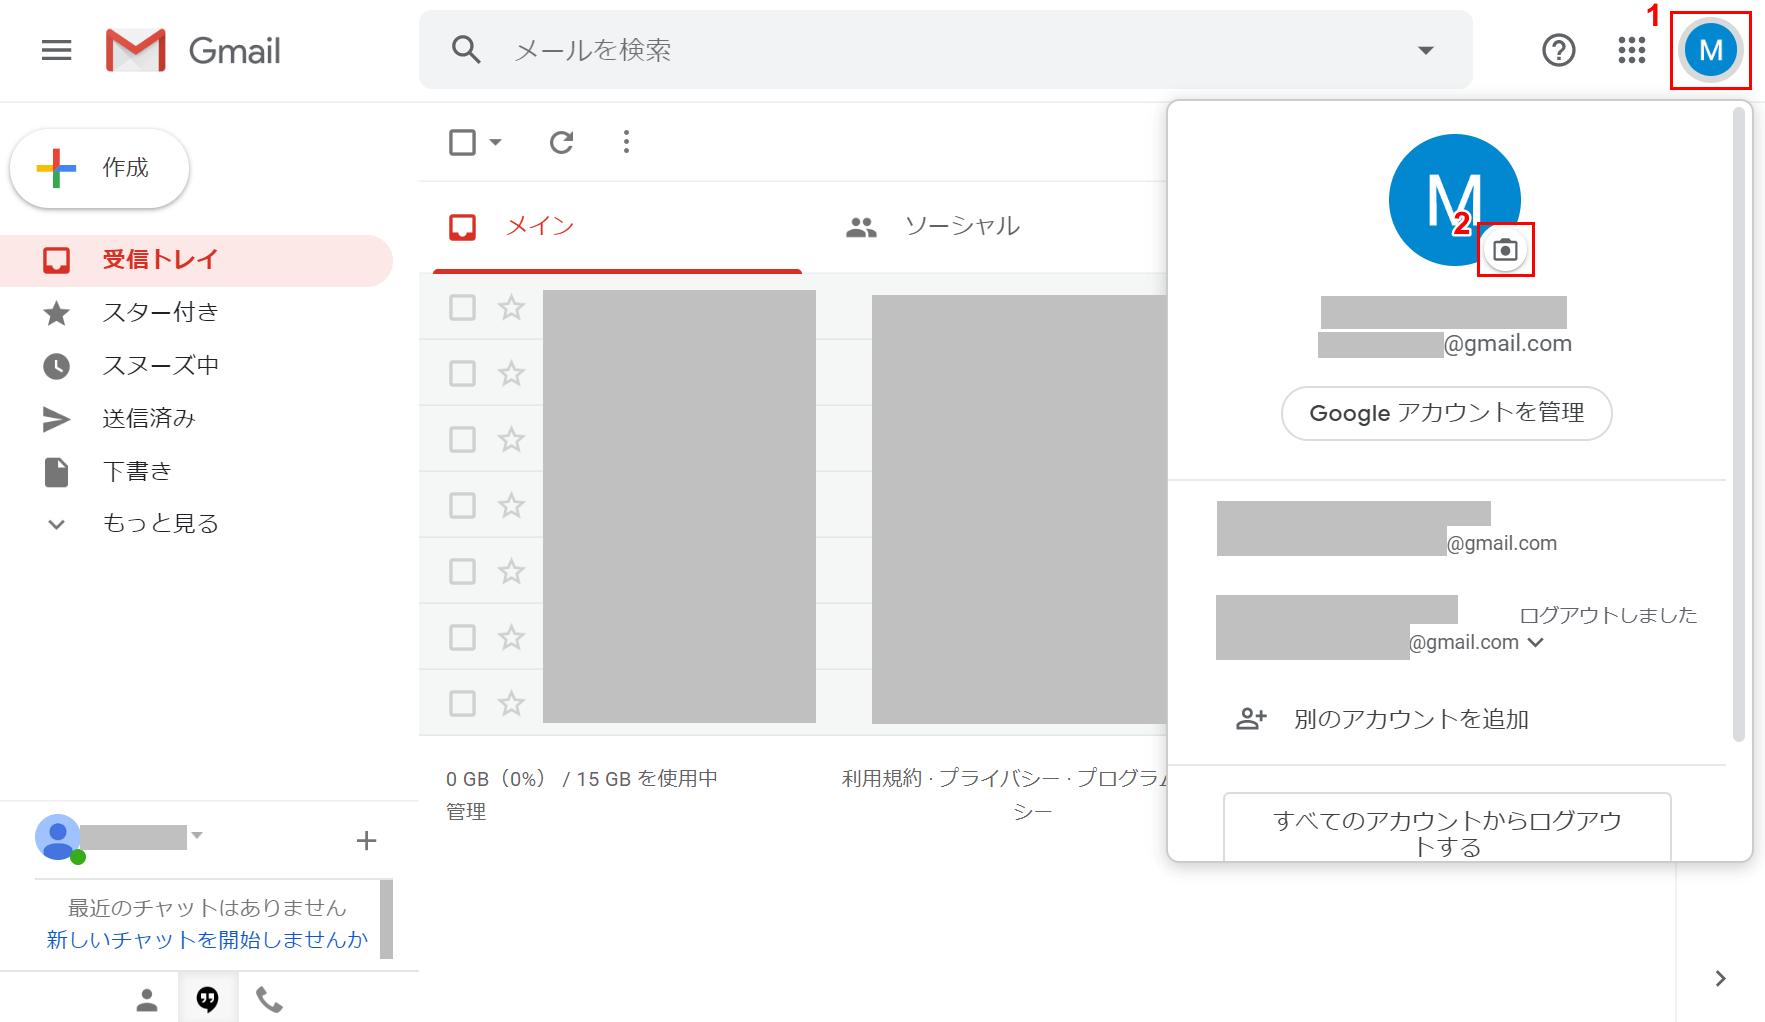 変更 グーグル アカウント アイコン